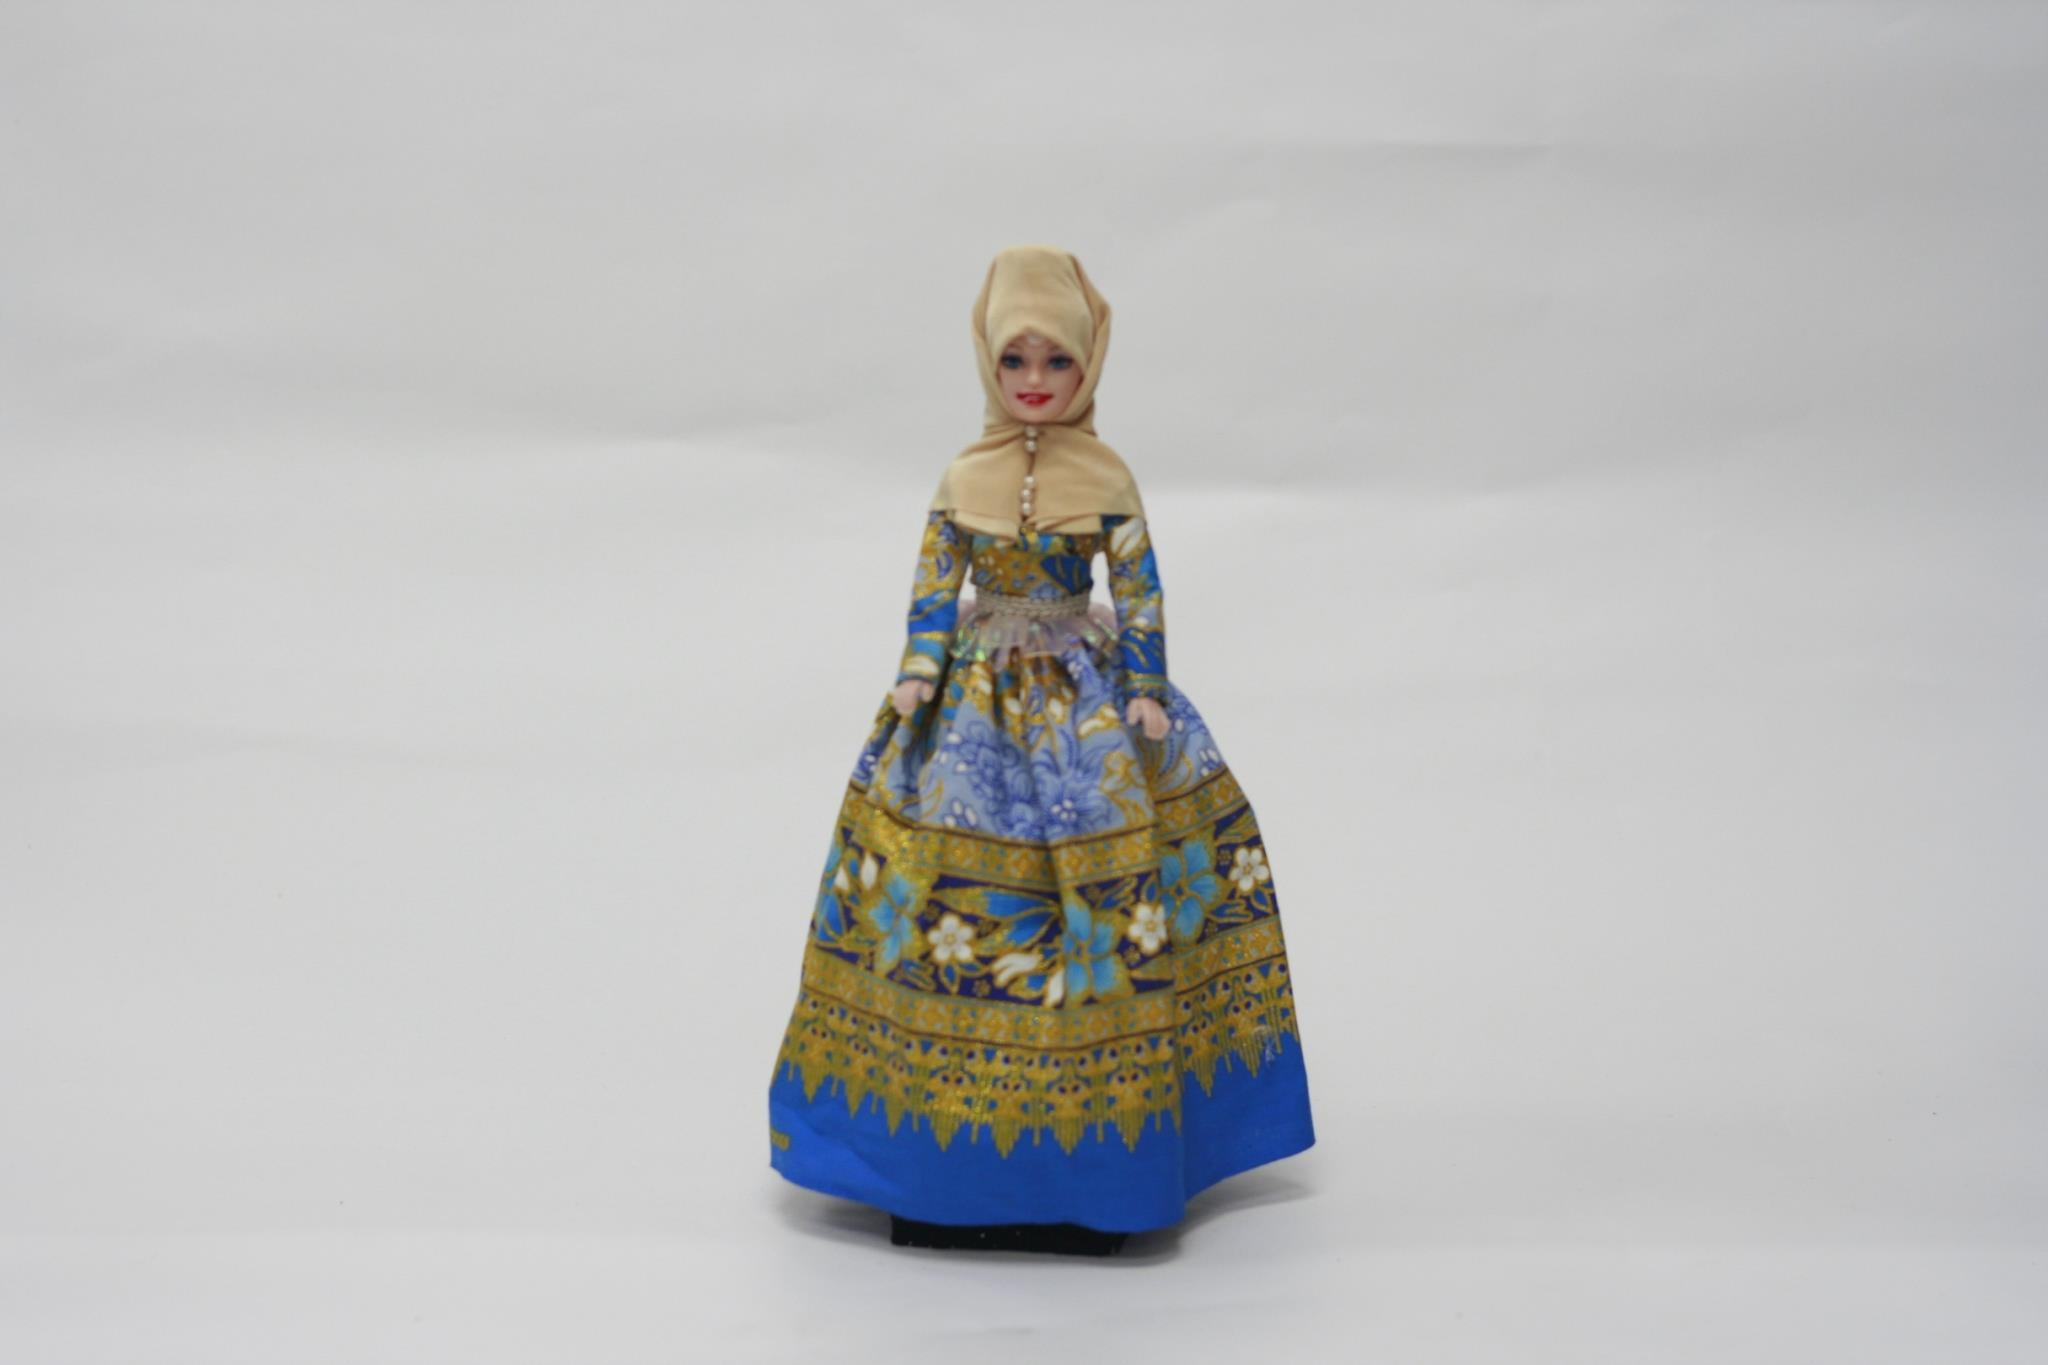 ตุ๊กตามุสลิม ตุ๊กตาตั้งโชว์ สินค้าโอทอป (แบบที่ 2)